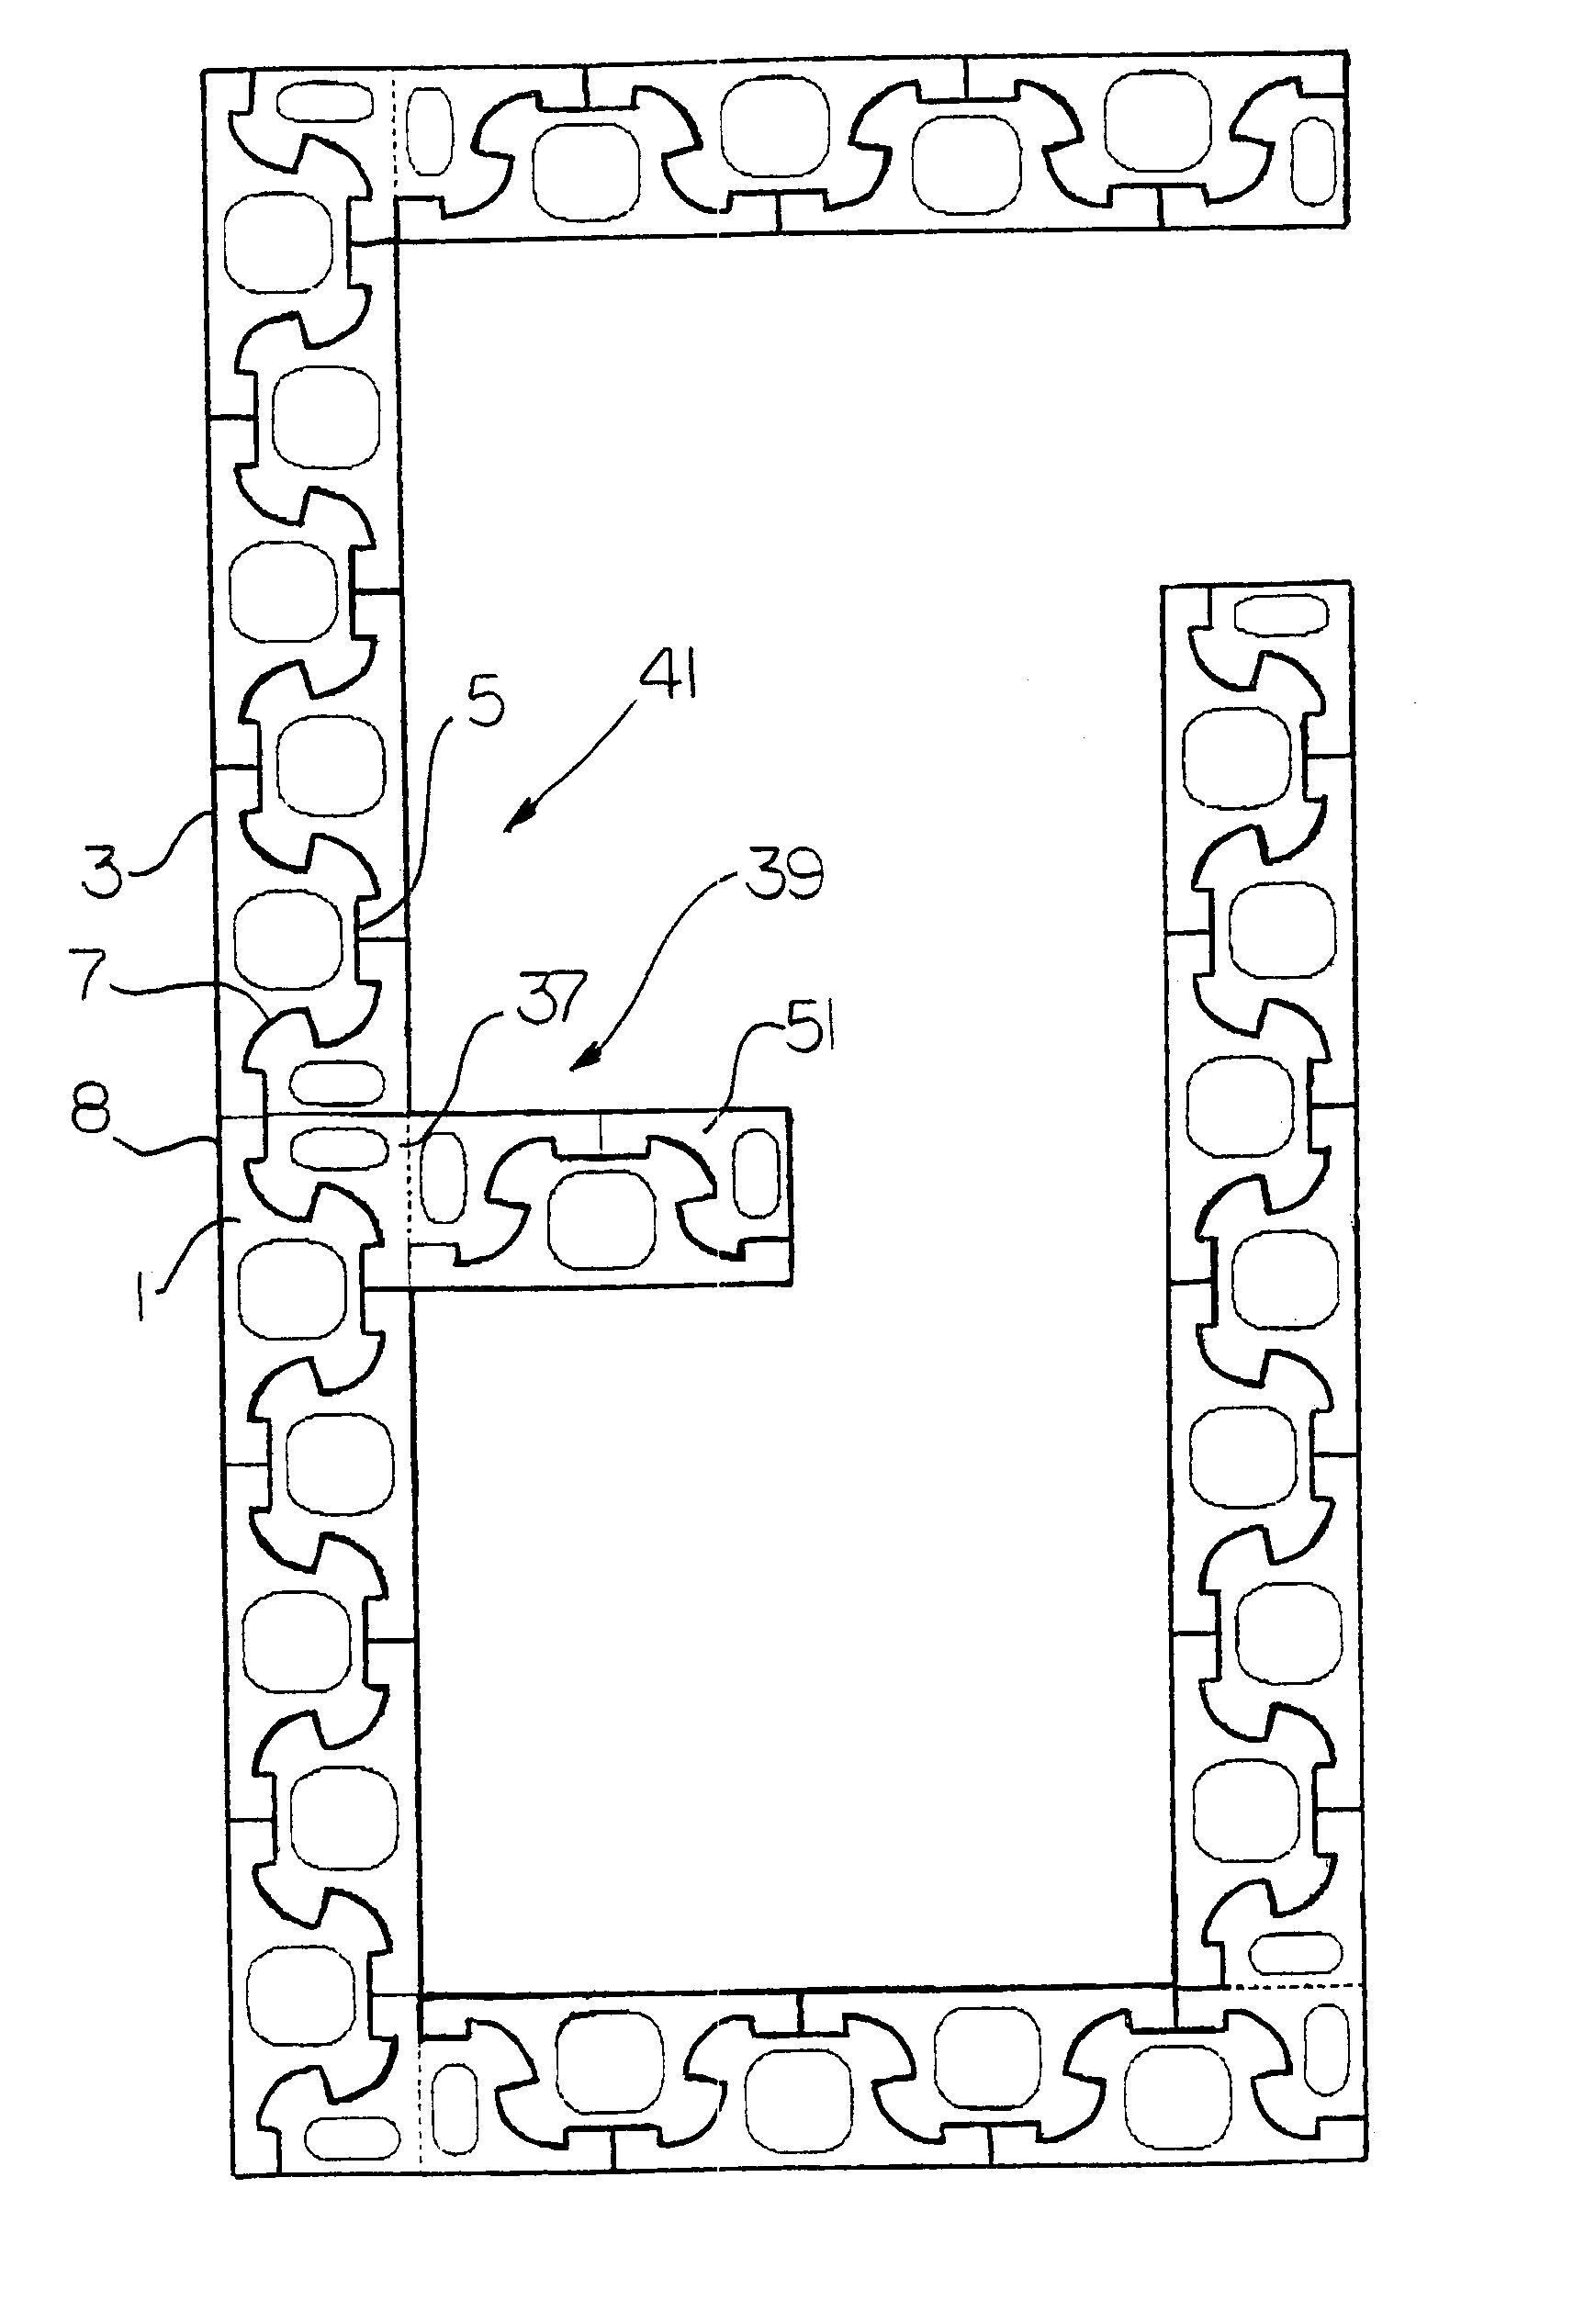 Us6508041b1 Interlocking Concrete Block Concrete Blocks Concrete Block Walls Interlocking Bricks